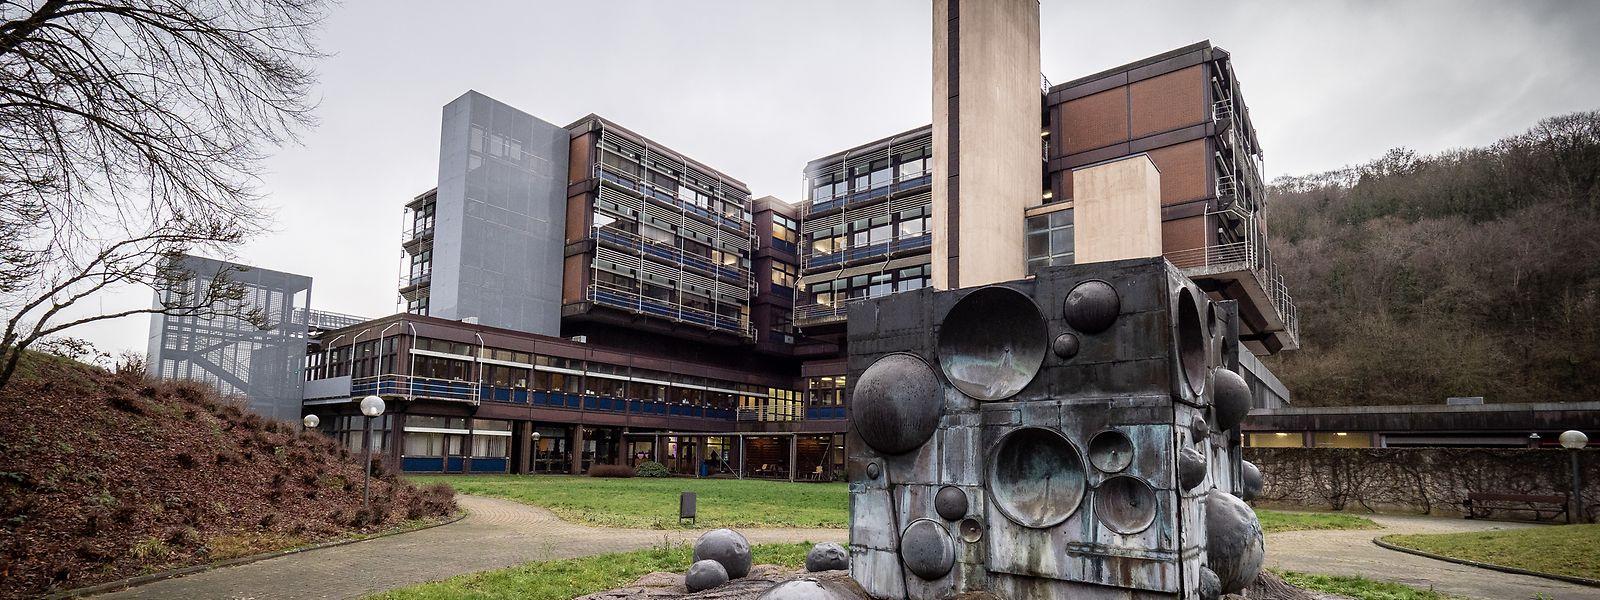 Was aus dem aktuellen Niederkorner Krankenhaus wird, wenn das Südspidol um 2026 eröffnet, ist derzeit noch ungewiss.